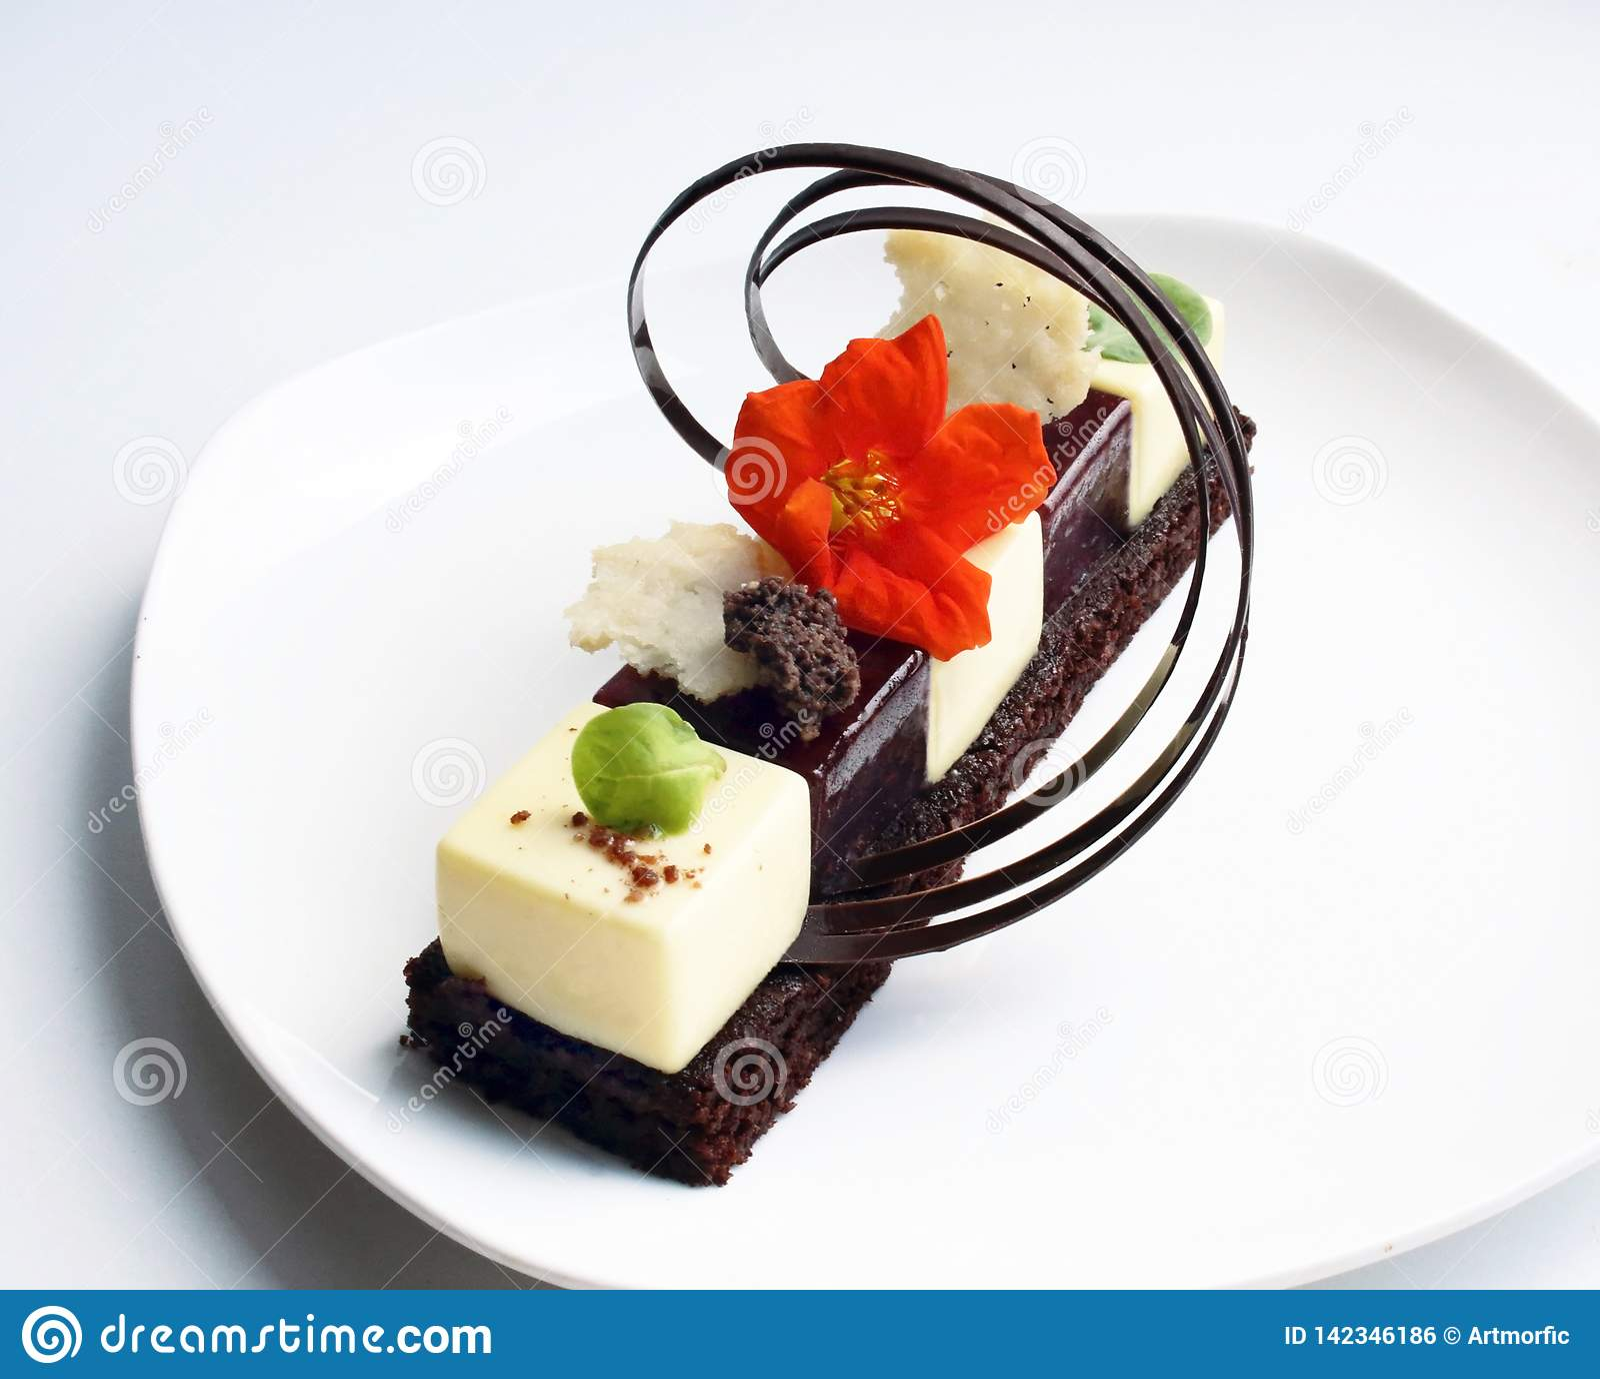 Μεμονωμένο επιδόρπιο με την εδώδιμη διακόσμηση λουλουδιών και σοκολάτας στο άσπρο πιάτο